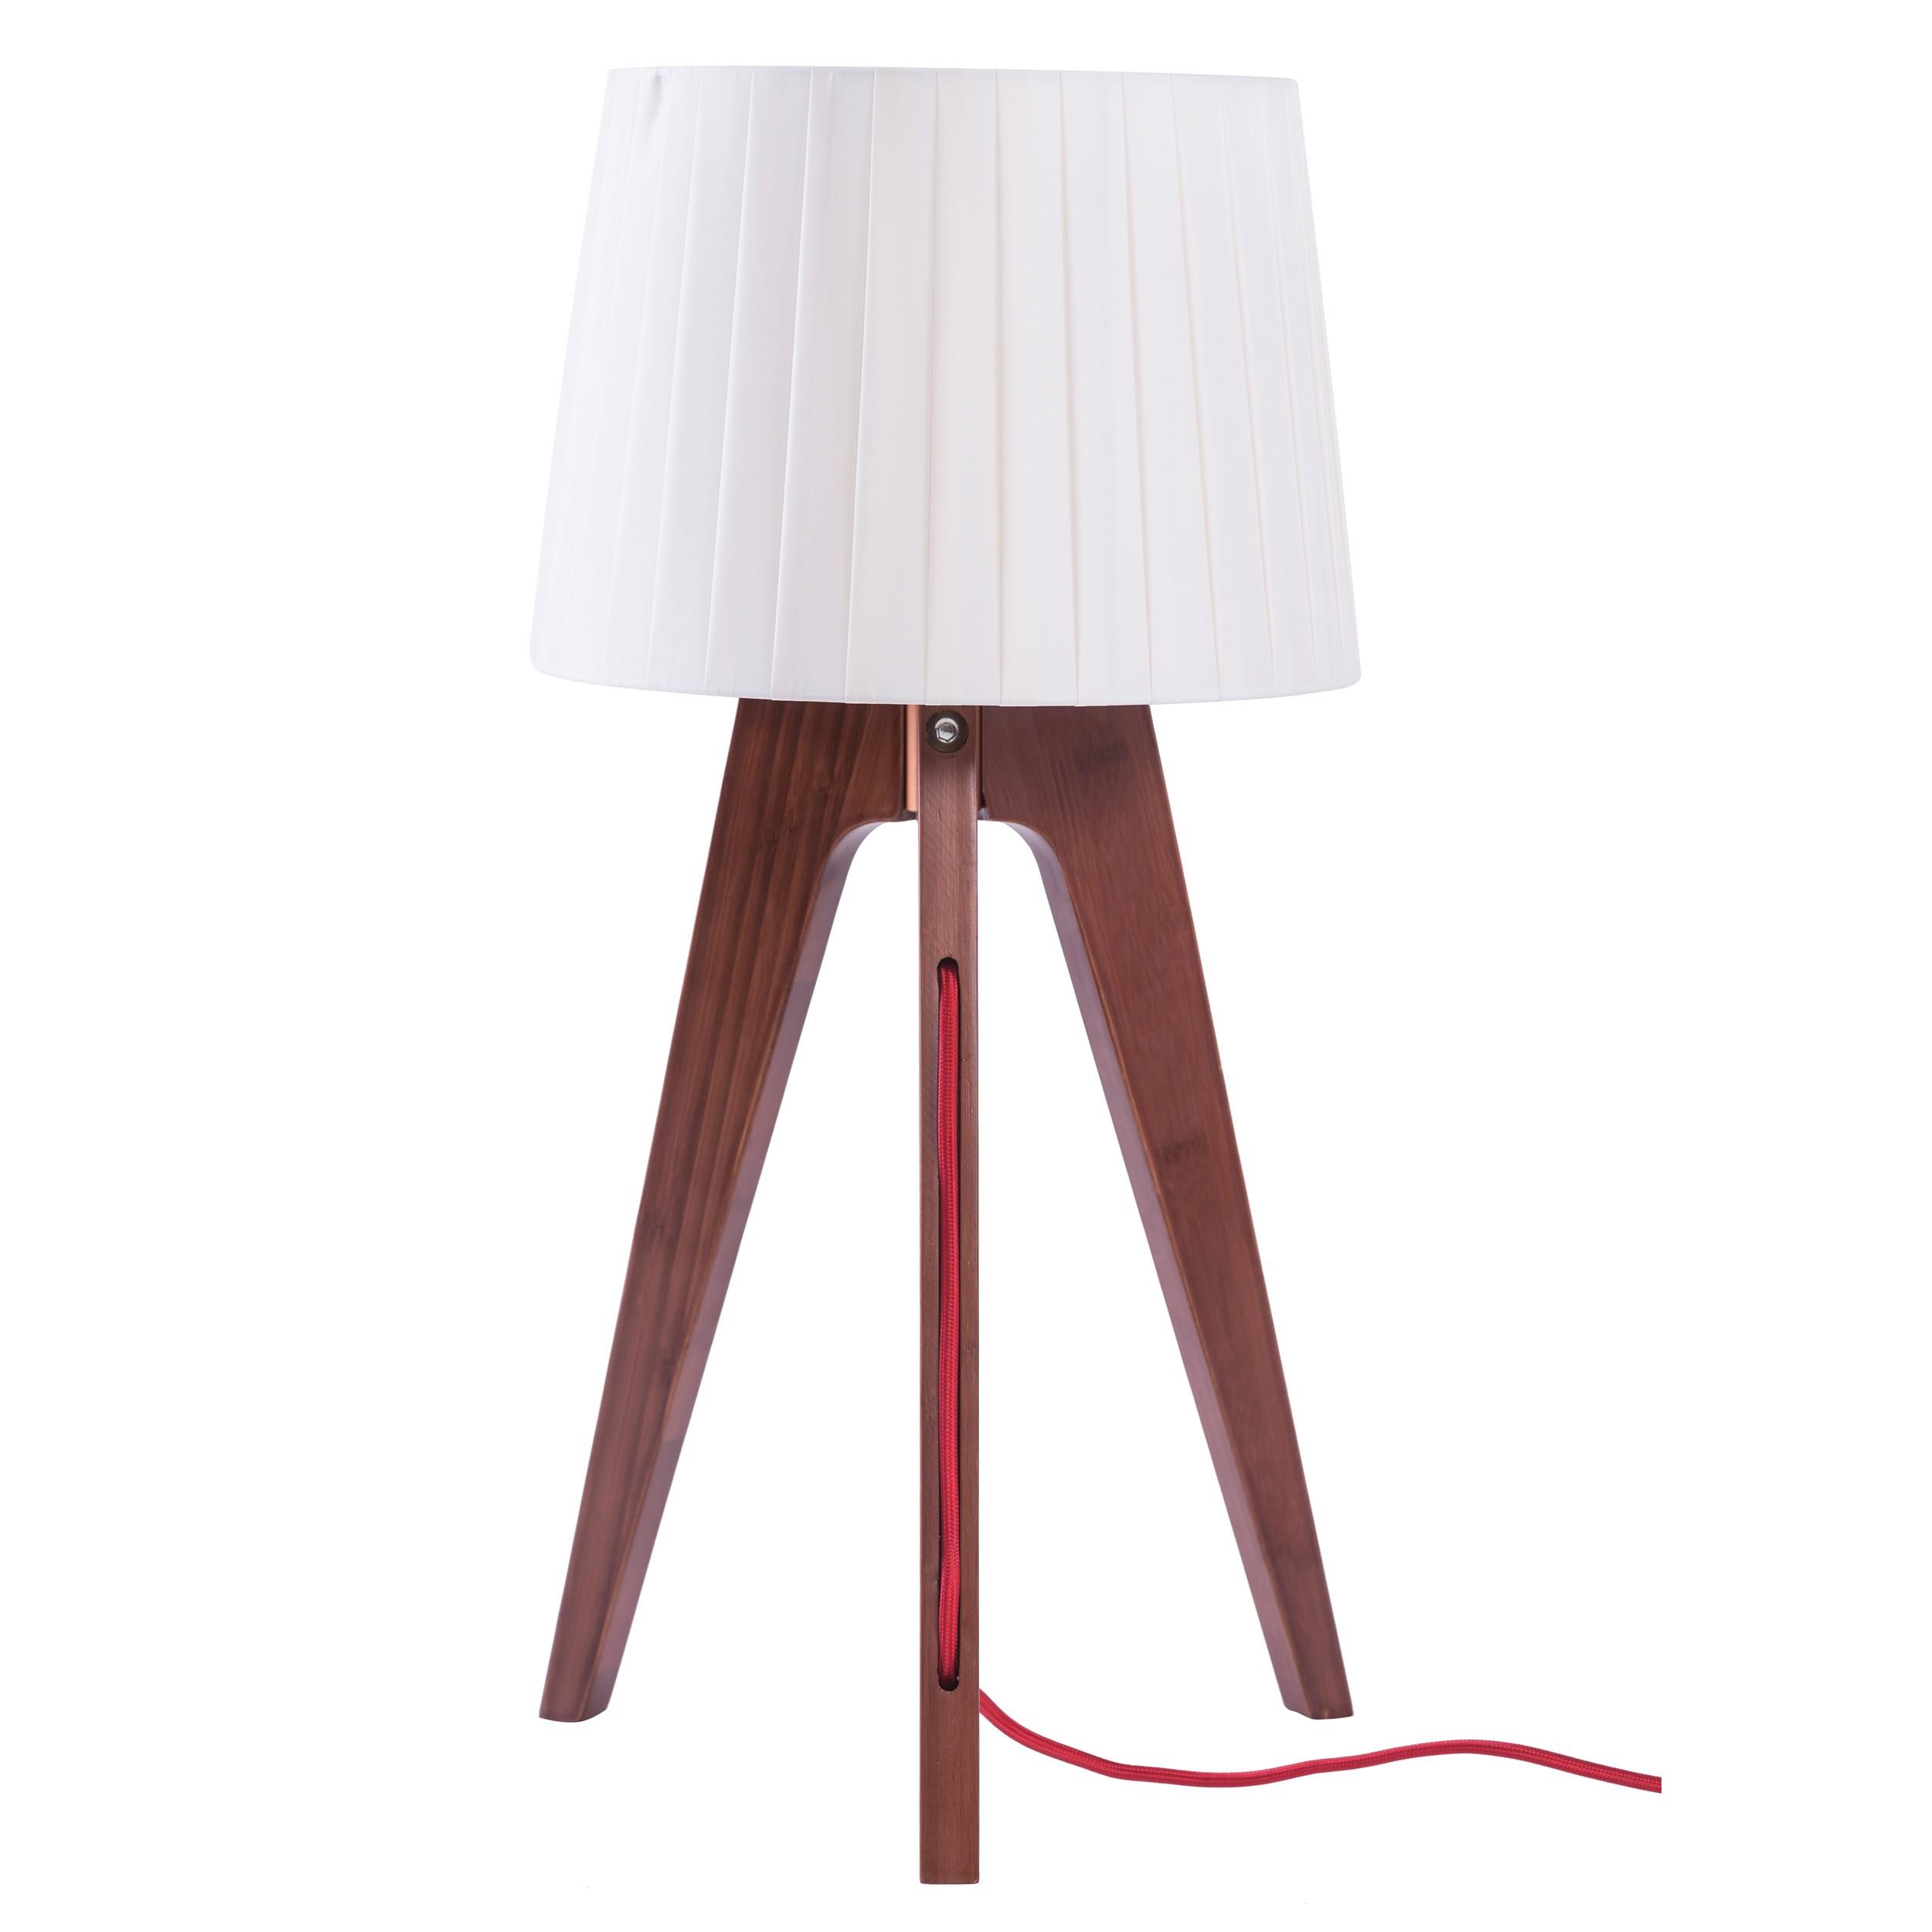 lampe de chevet tr pied freya bois fonc achetez nos lampes de chevet tr pied freya bois fonc. Black Bedroom Furniture Sets. Home Design Ideas